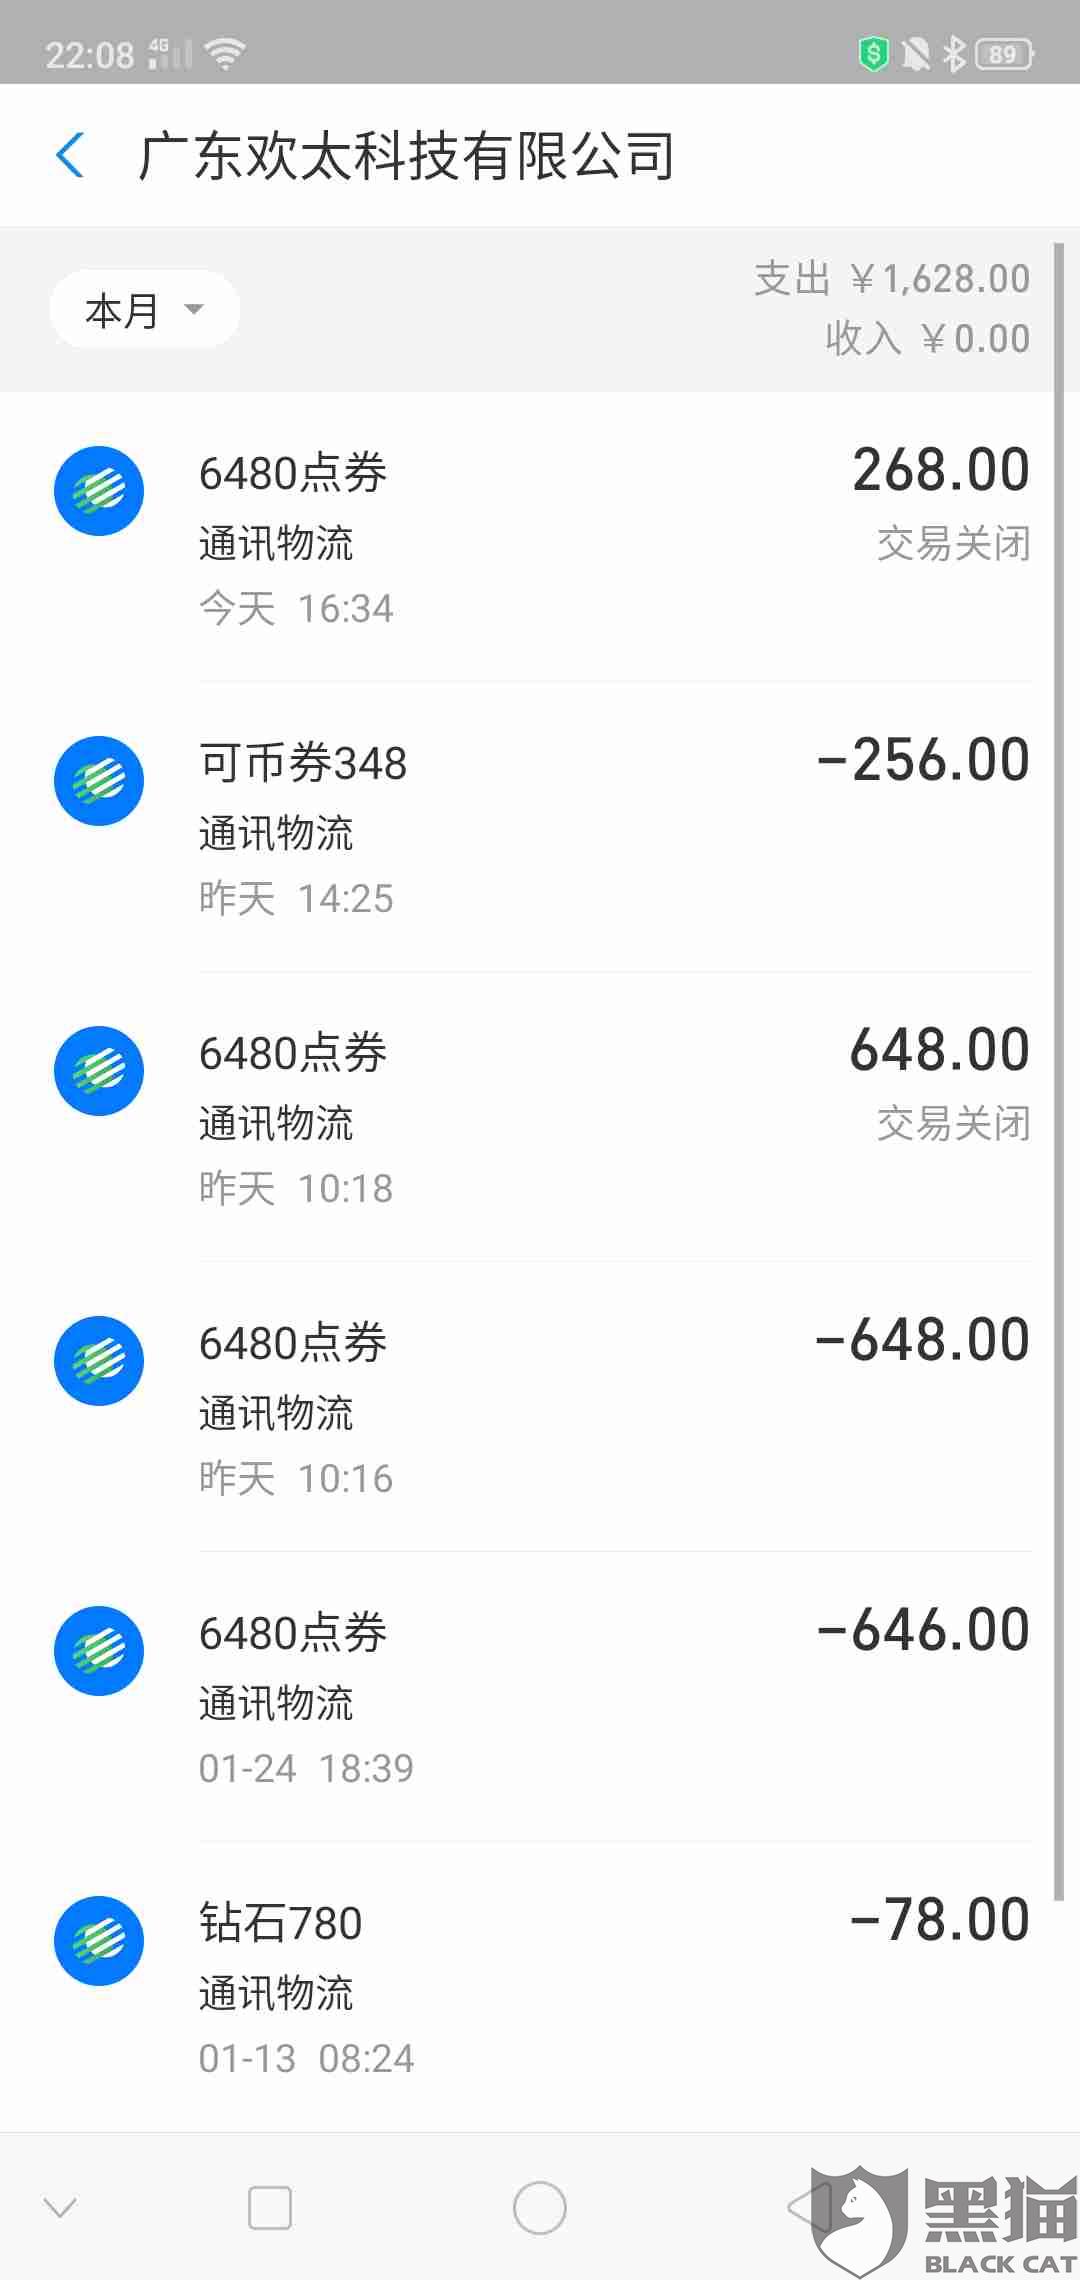 黑猫投诉:广东欢太科技有限公司的游戏在不知情的情况下扣费